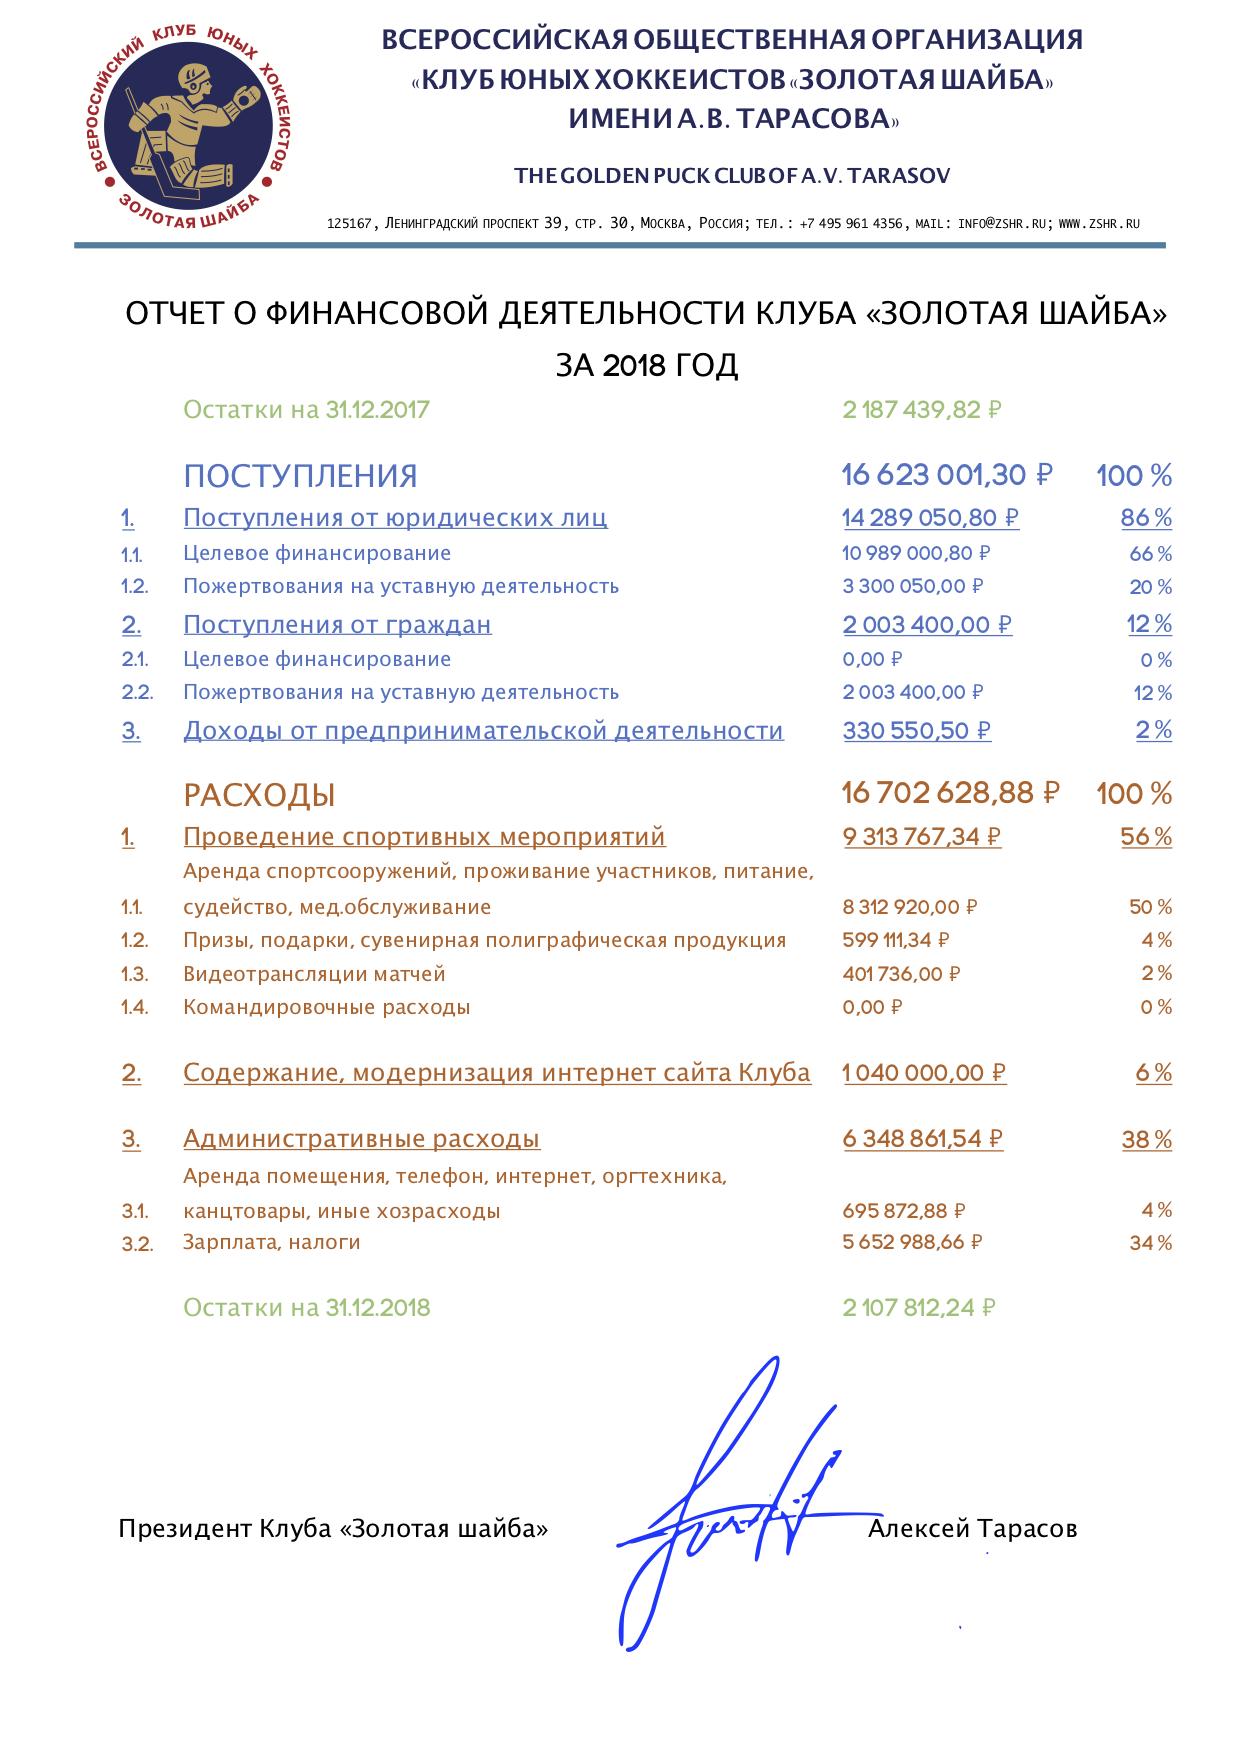 """Финансовый Отчёт Клуба """"Золотая шайба"""" за 2018 год"""